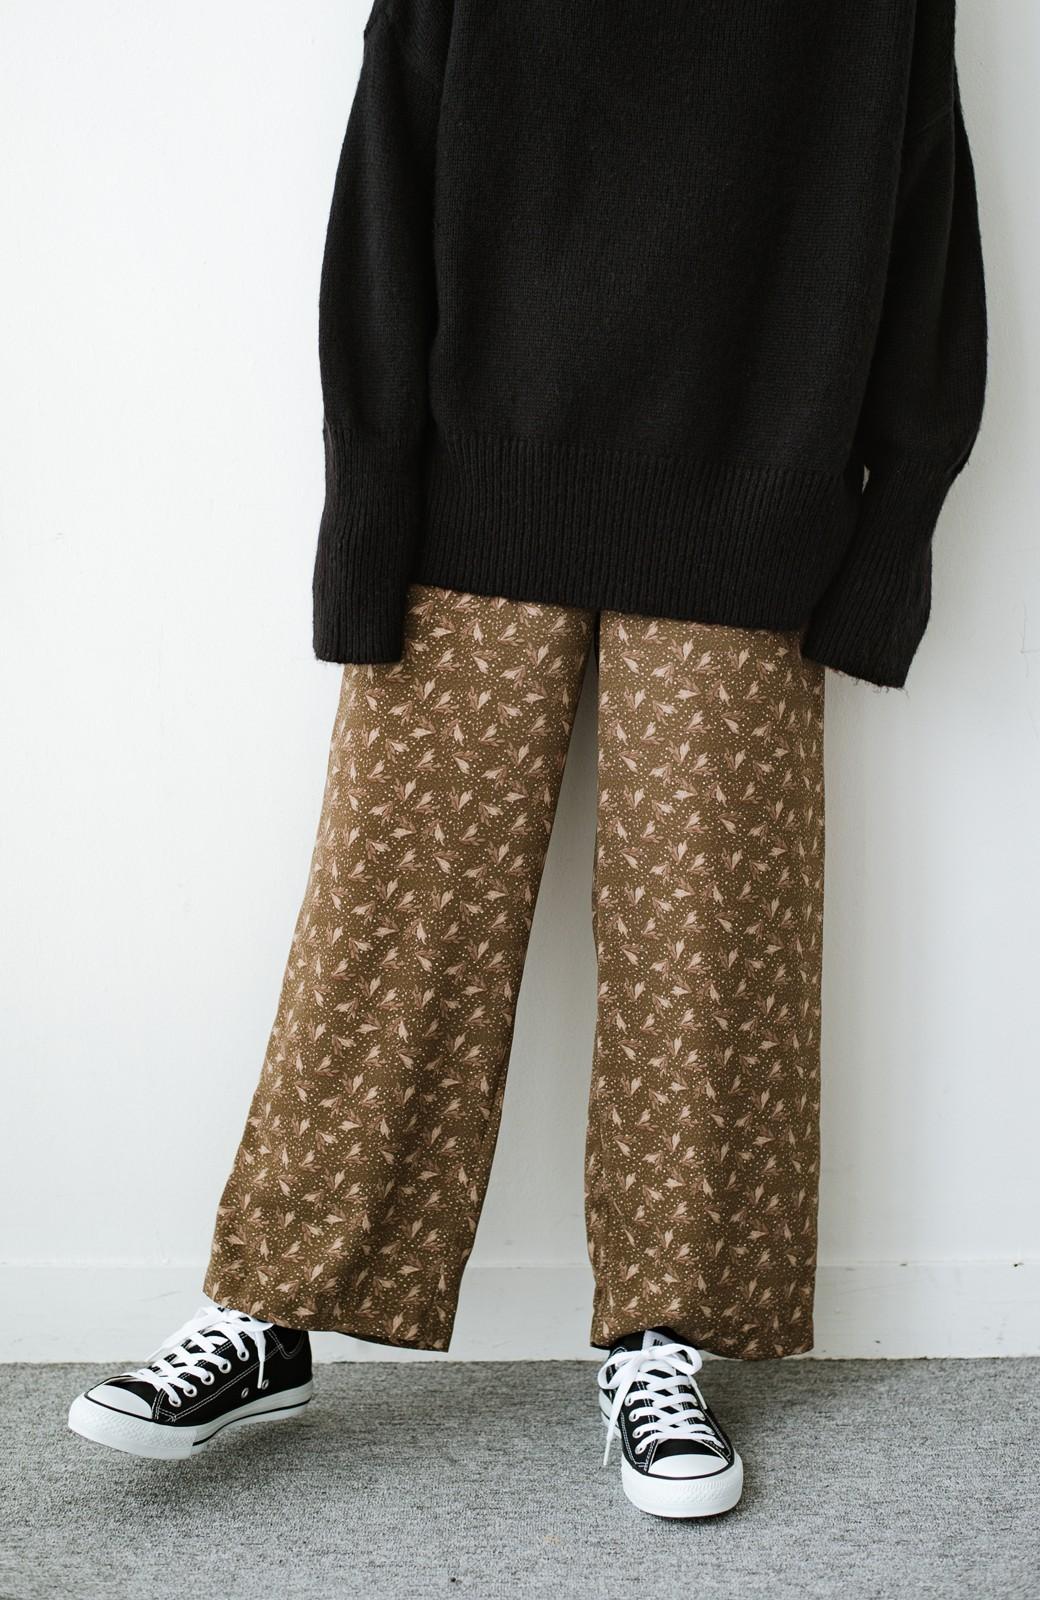 haco! 1枚でも重ね着でもパッと着映えする すっきりシルエットの大人の柄パンツ <ブラウン>の商品写真1